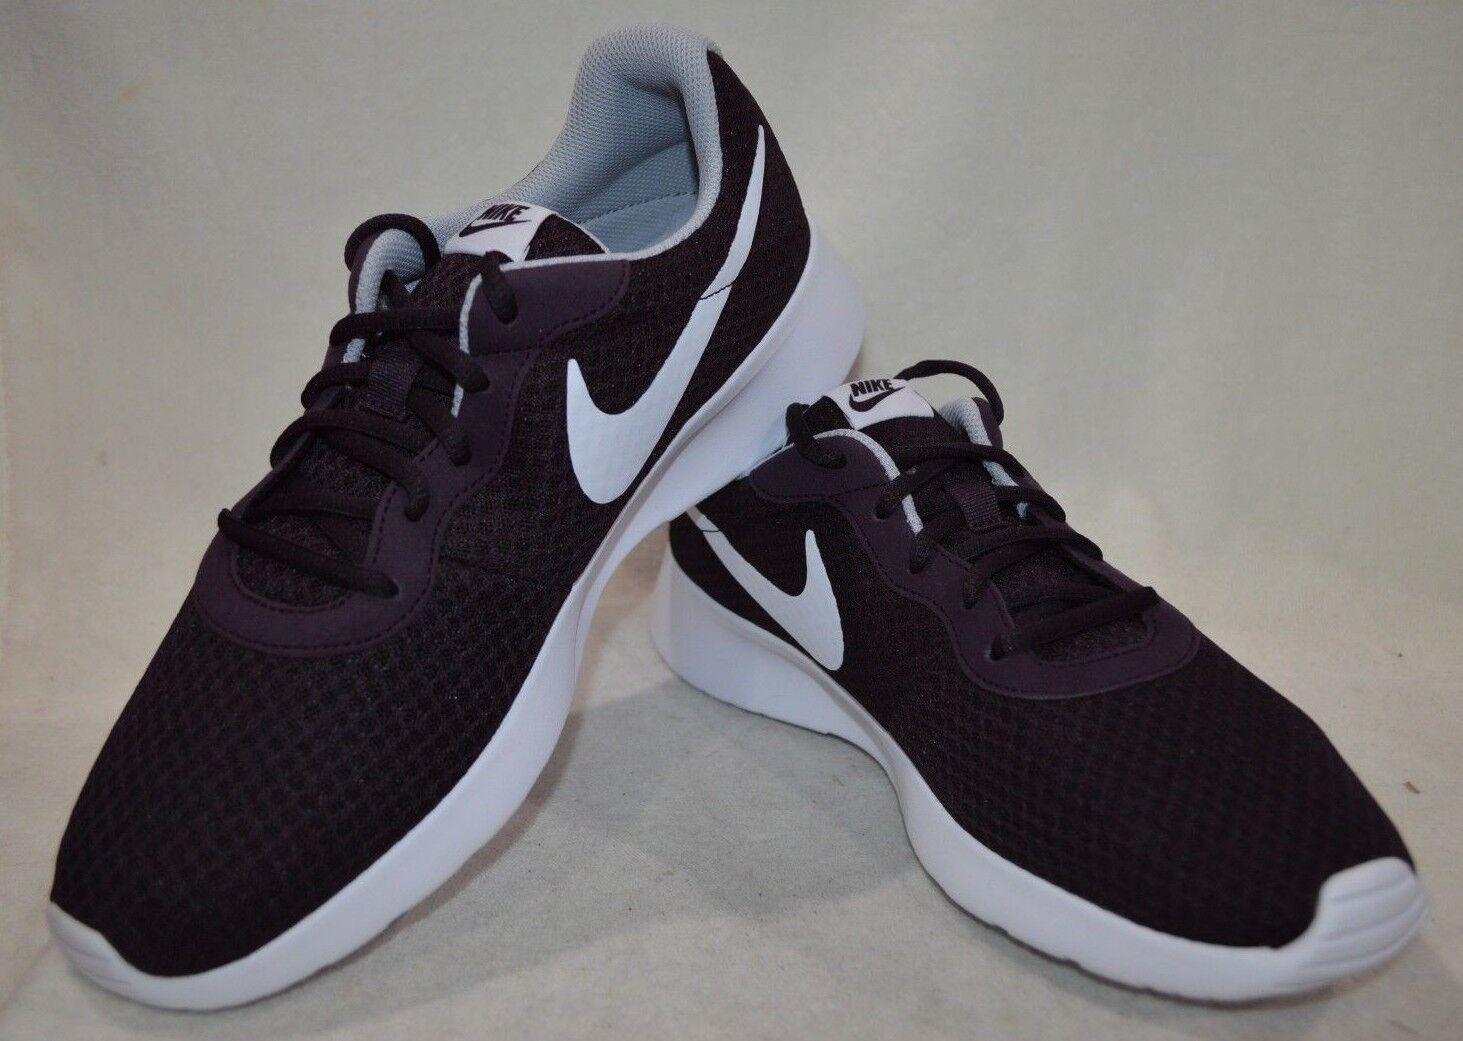 sports shoes 9b162 5a7a4 Nike tanjun porto bianco grigio uomini scarpe da corsa asst confezioni nwb  812654-600   Lavorazione perfetta   Maschio Ragazze Scarpa dac50e